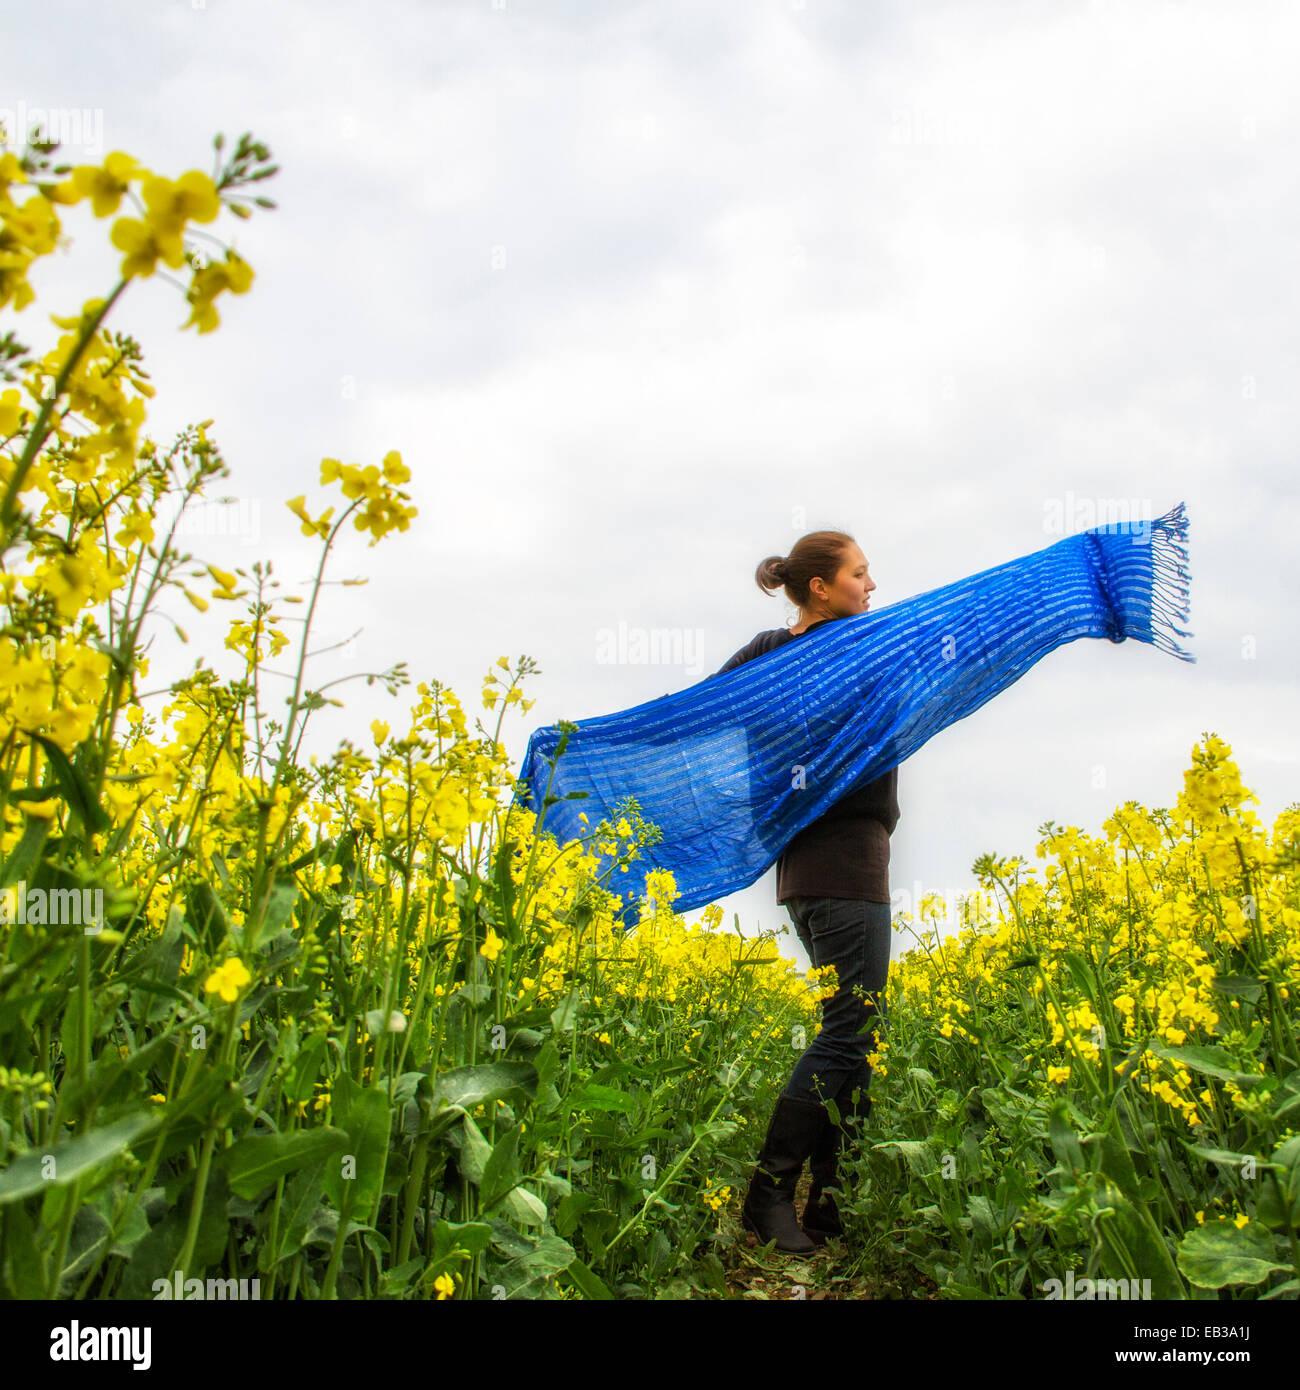 Frau mit breiten blauen Schal Spinnerei in Raps Feld Stockbild